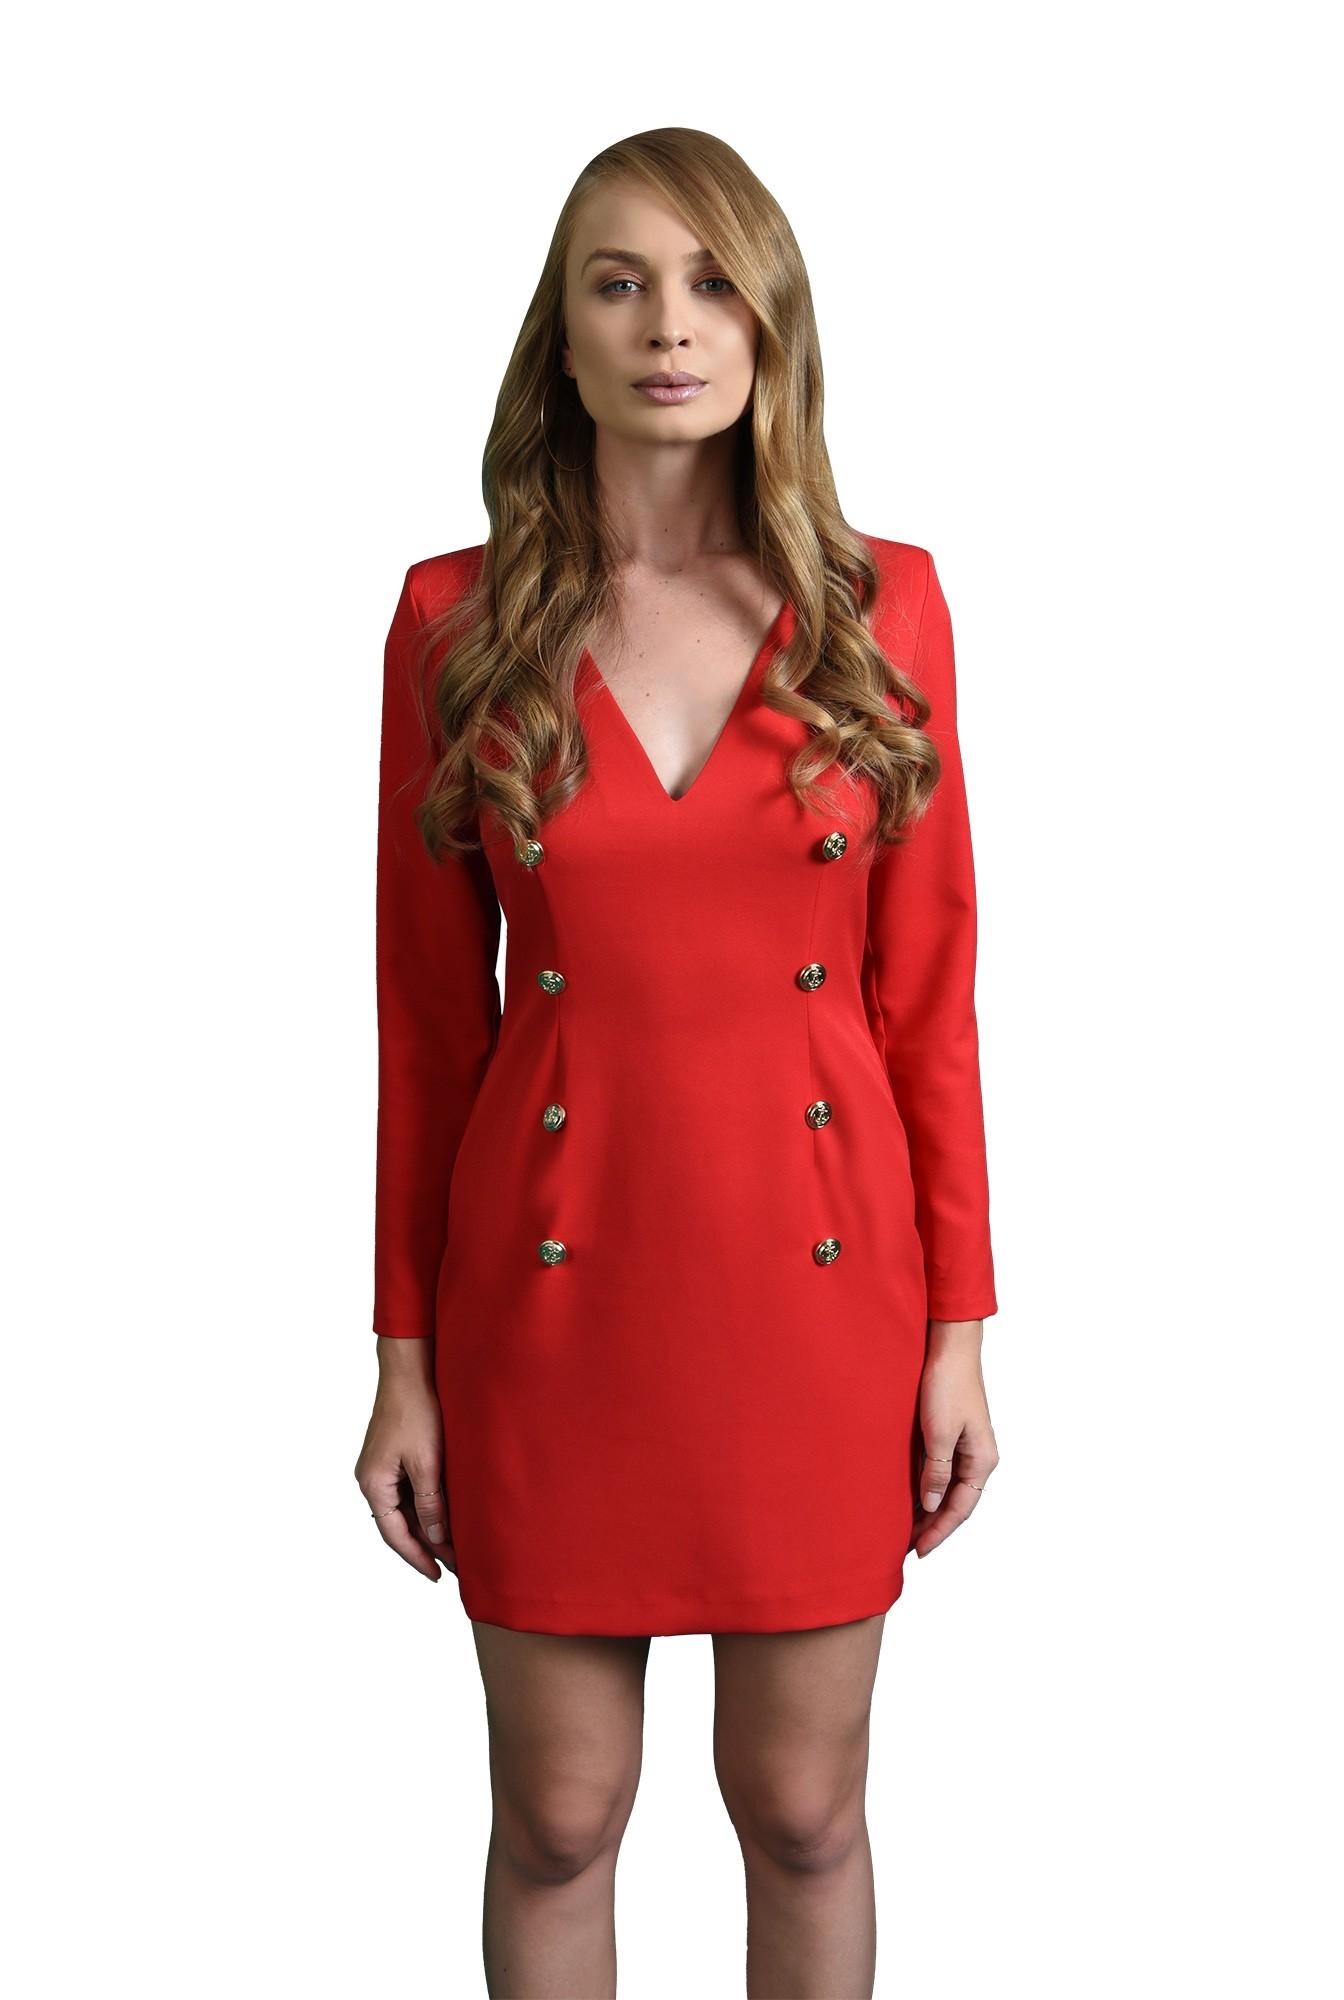 3 - rochie rosie, cu nasturi aurii, cu maneca lunga